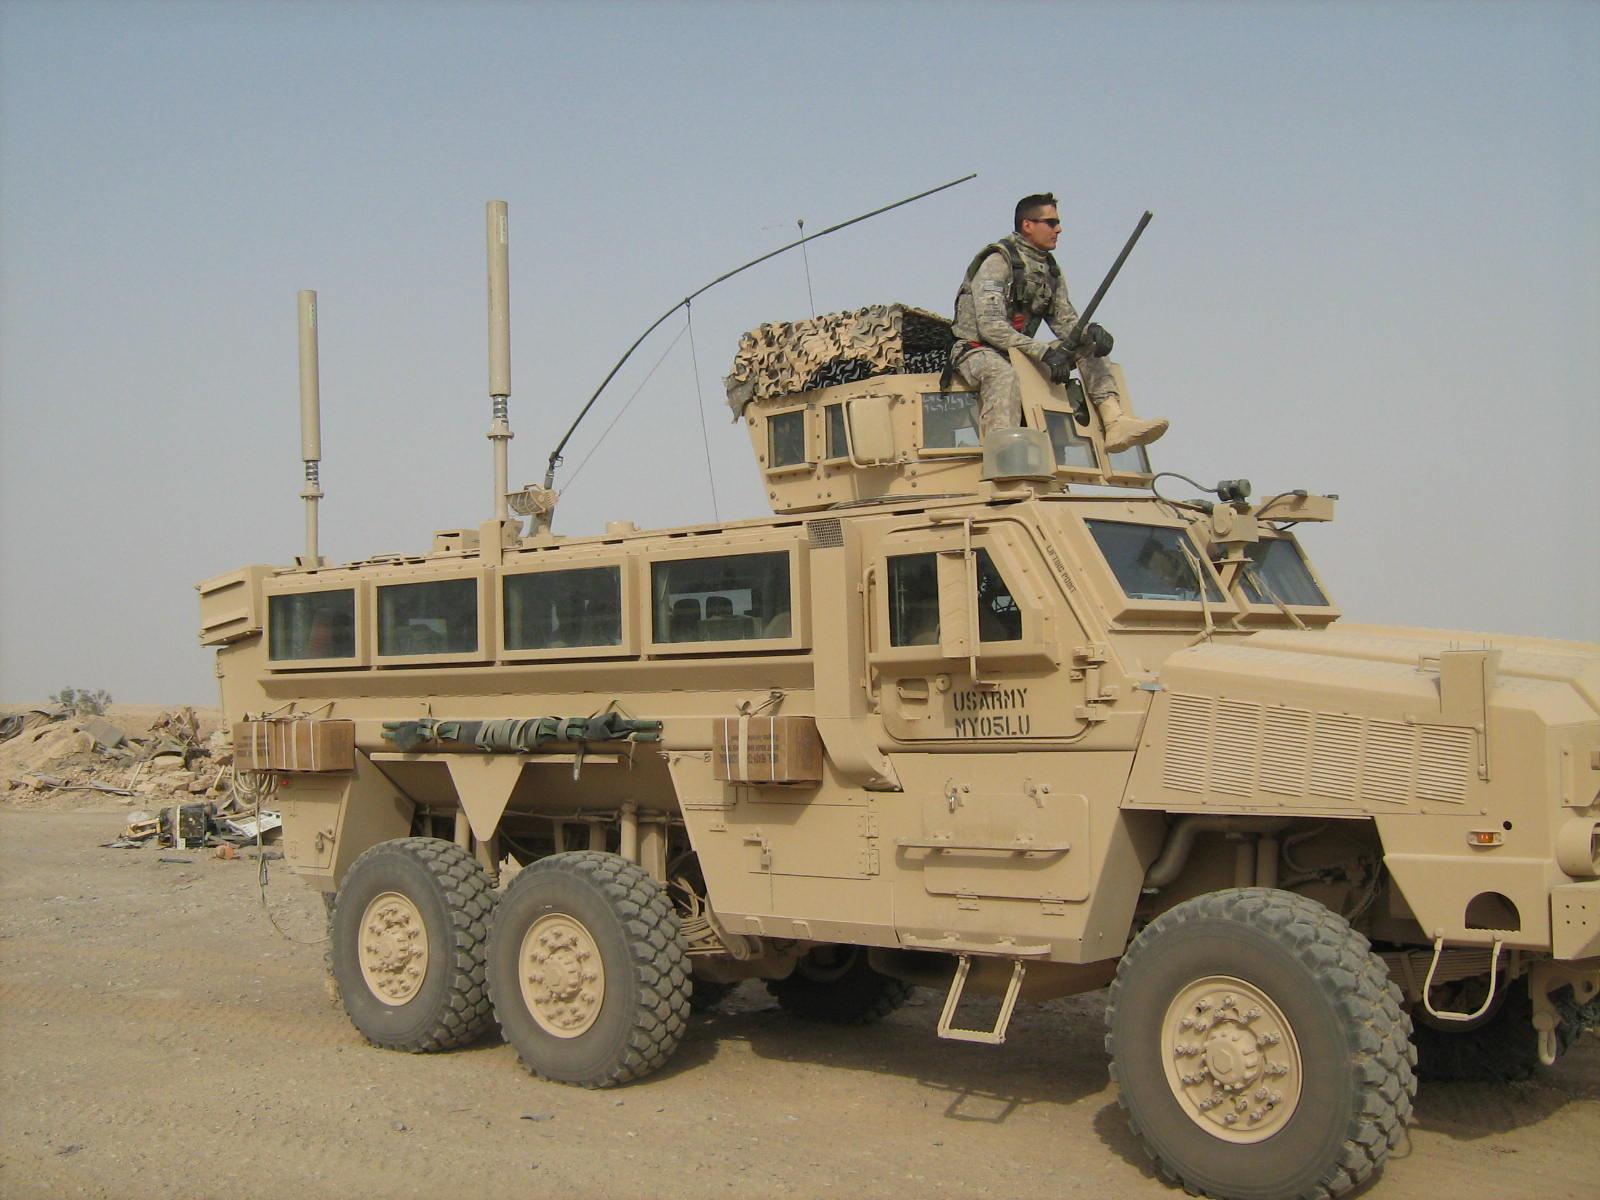 File:Rg 33 with M2 Machine Gun..jpg - Wikimedia Commons